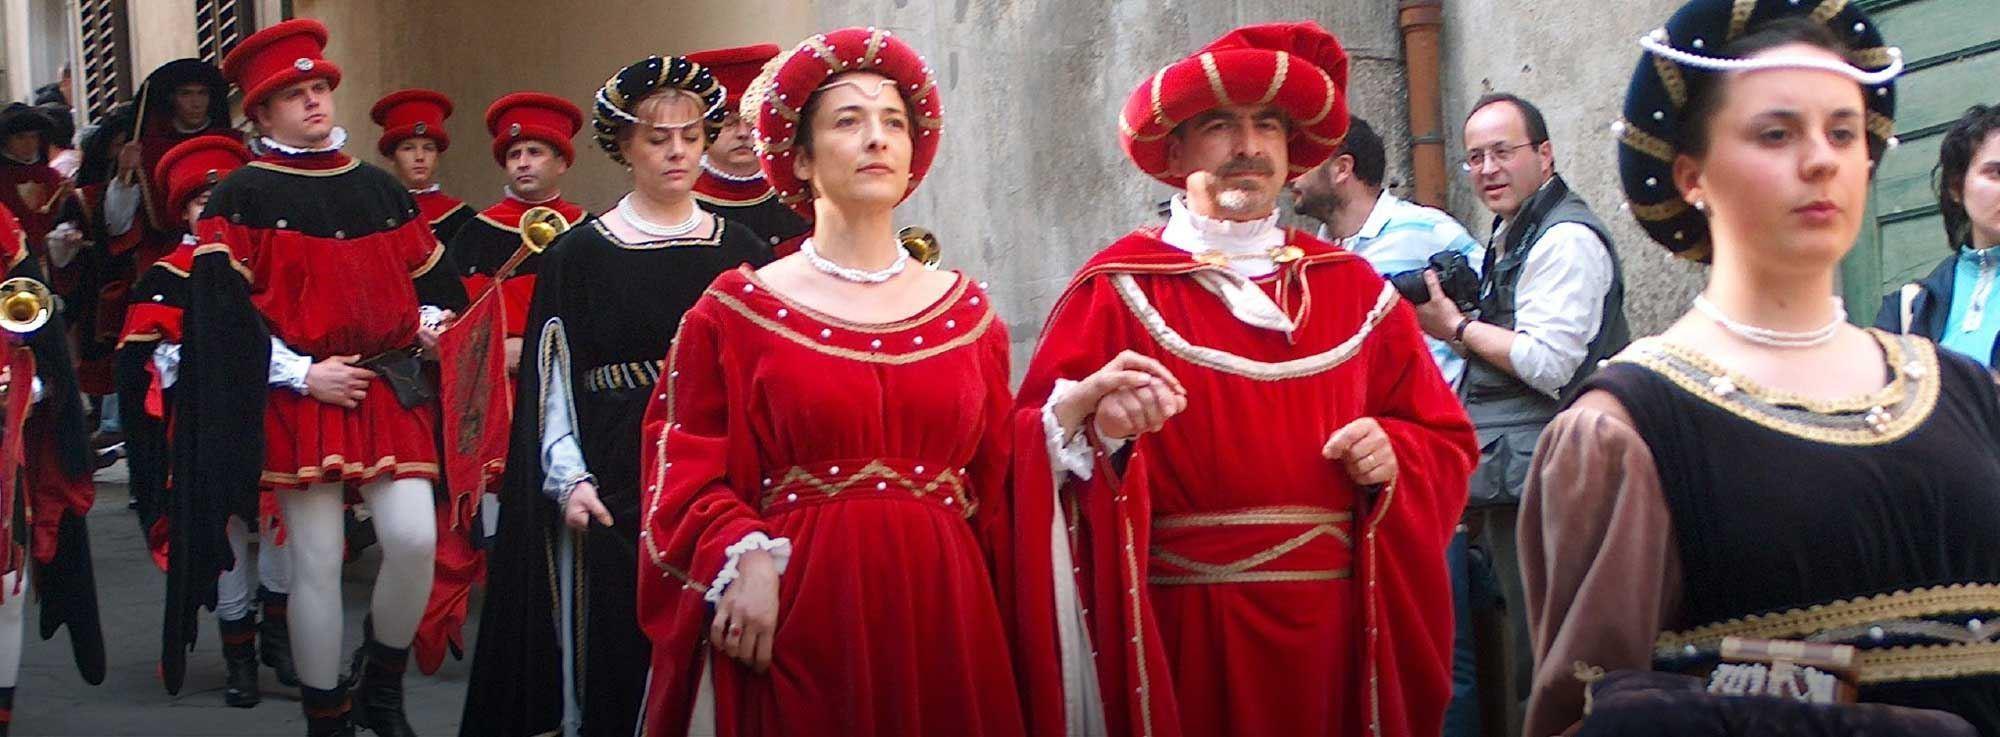 Brindisi: Medieval Fest